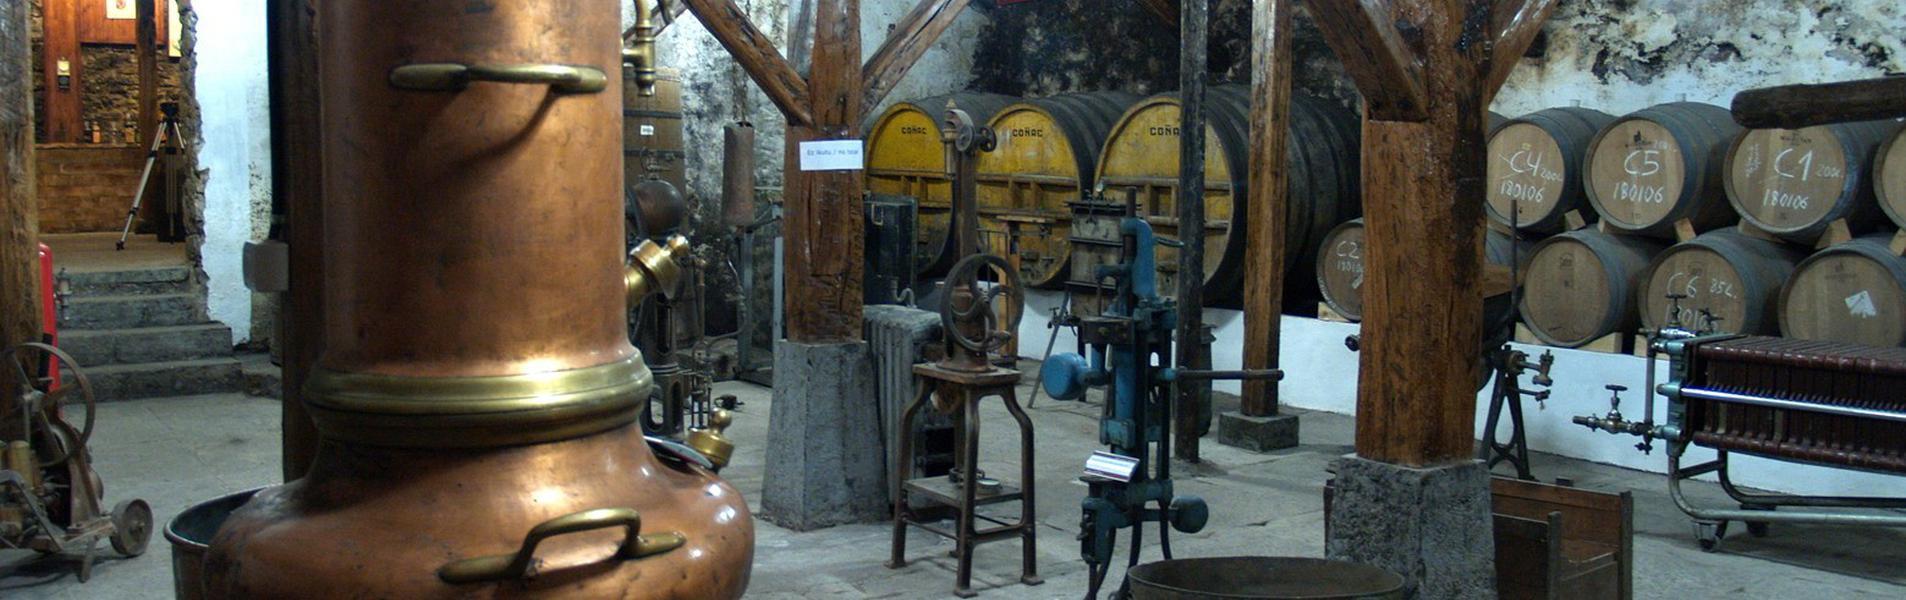 Museo del licor